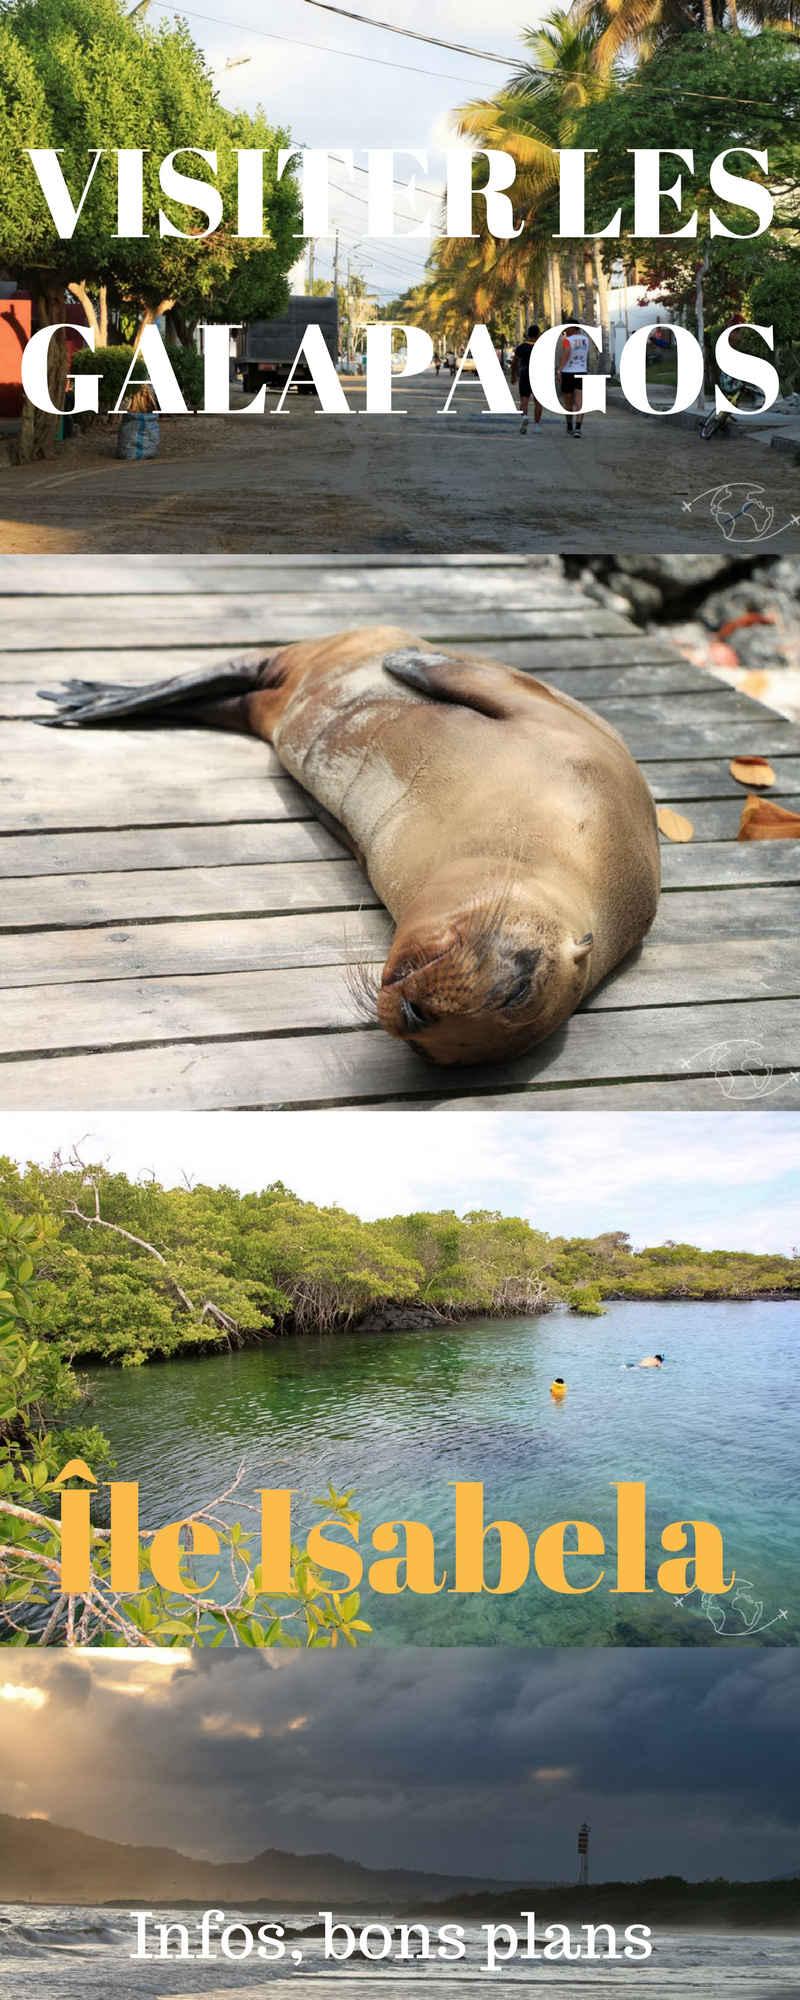 Mon expérience de voyageur, des infos, des bons plans et des photos de la sublime île Isabela dans les l'archipel des Galapagos #Galapagos #Equateur #Isabela